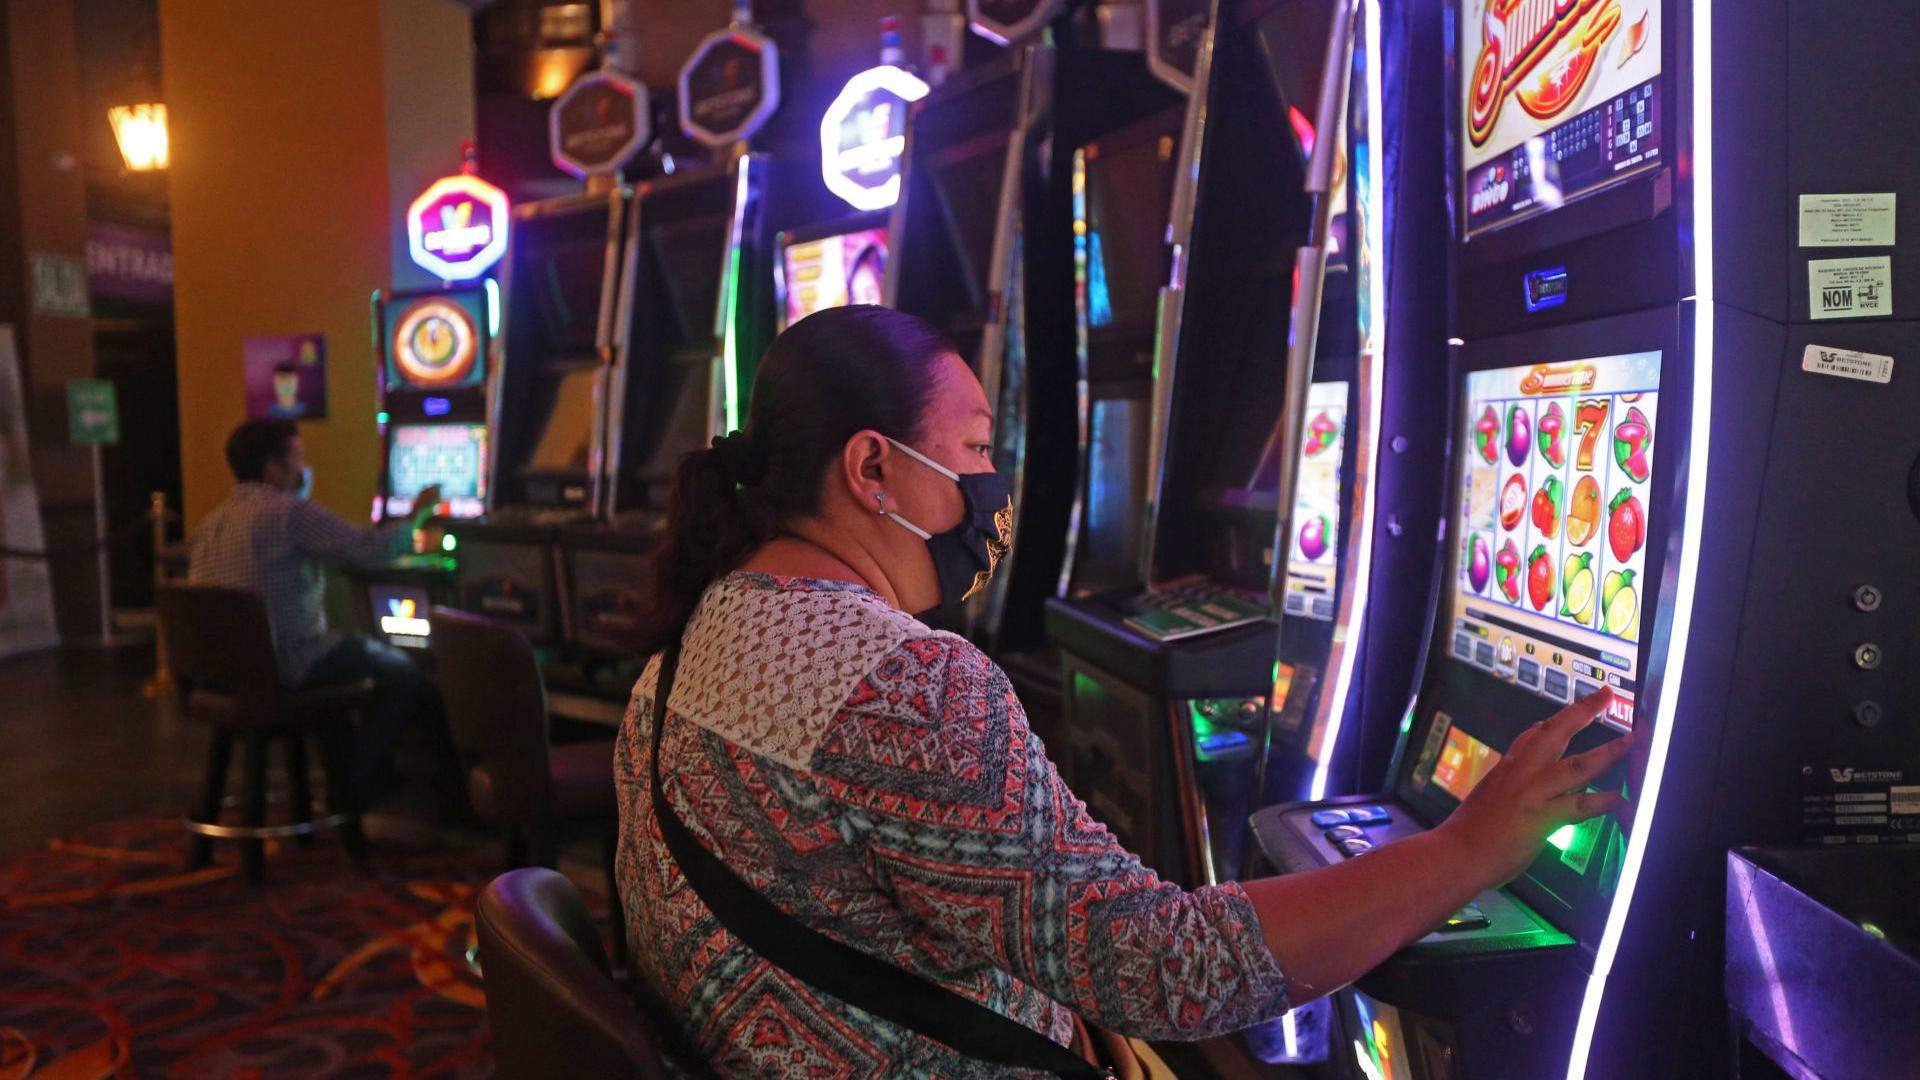 Una cliente de un conocido casino de la ciudad, cumple con el protocolo sanitario correspondiente mientras hace uso de las instalaciones y después de cinco meses de permanecer cerrados a causa de la pandemia sanitaria del COVID-19 (Foto: Cuartoscuro)